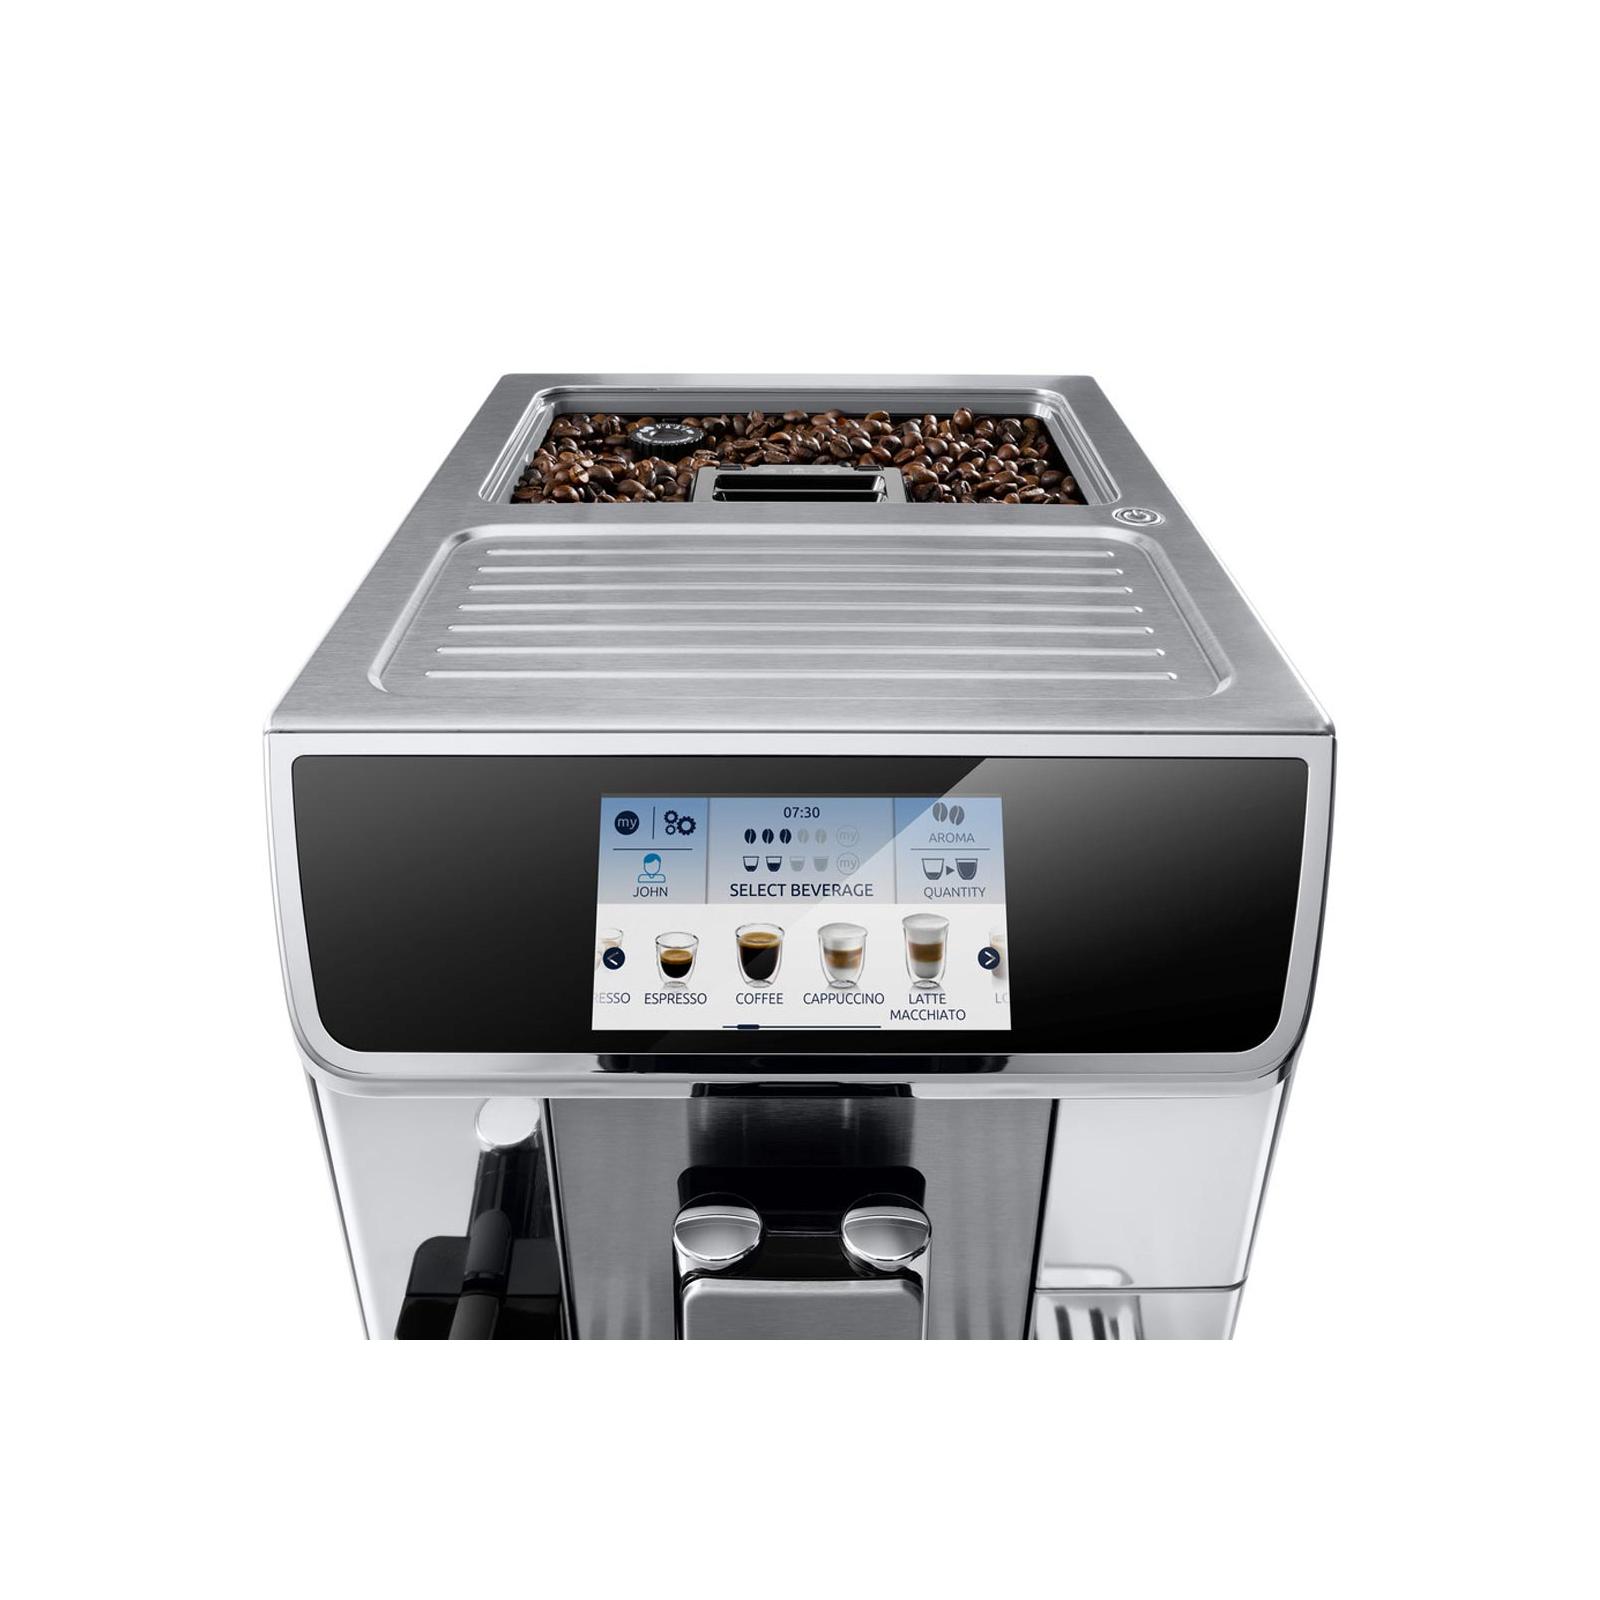 Кофеварка DeLonghi ECAM 650.75 MS изображение 5